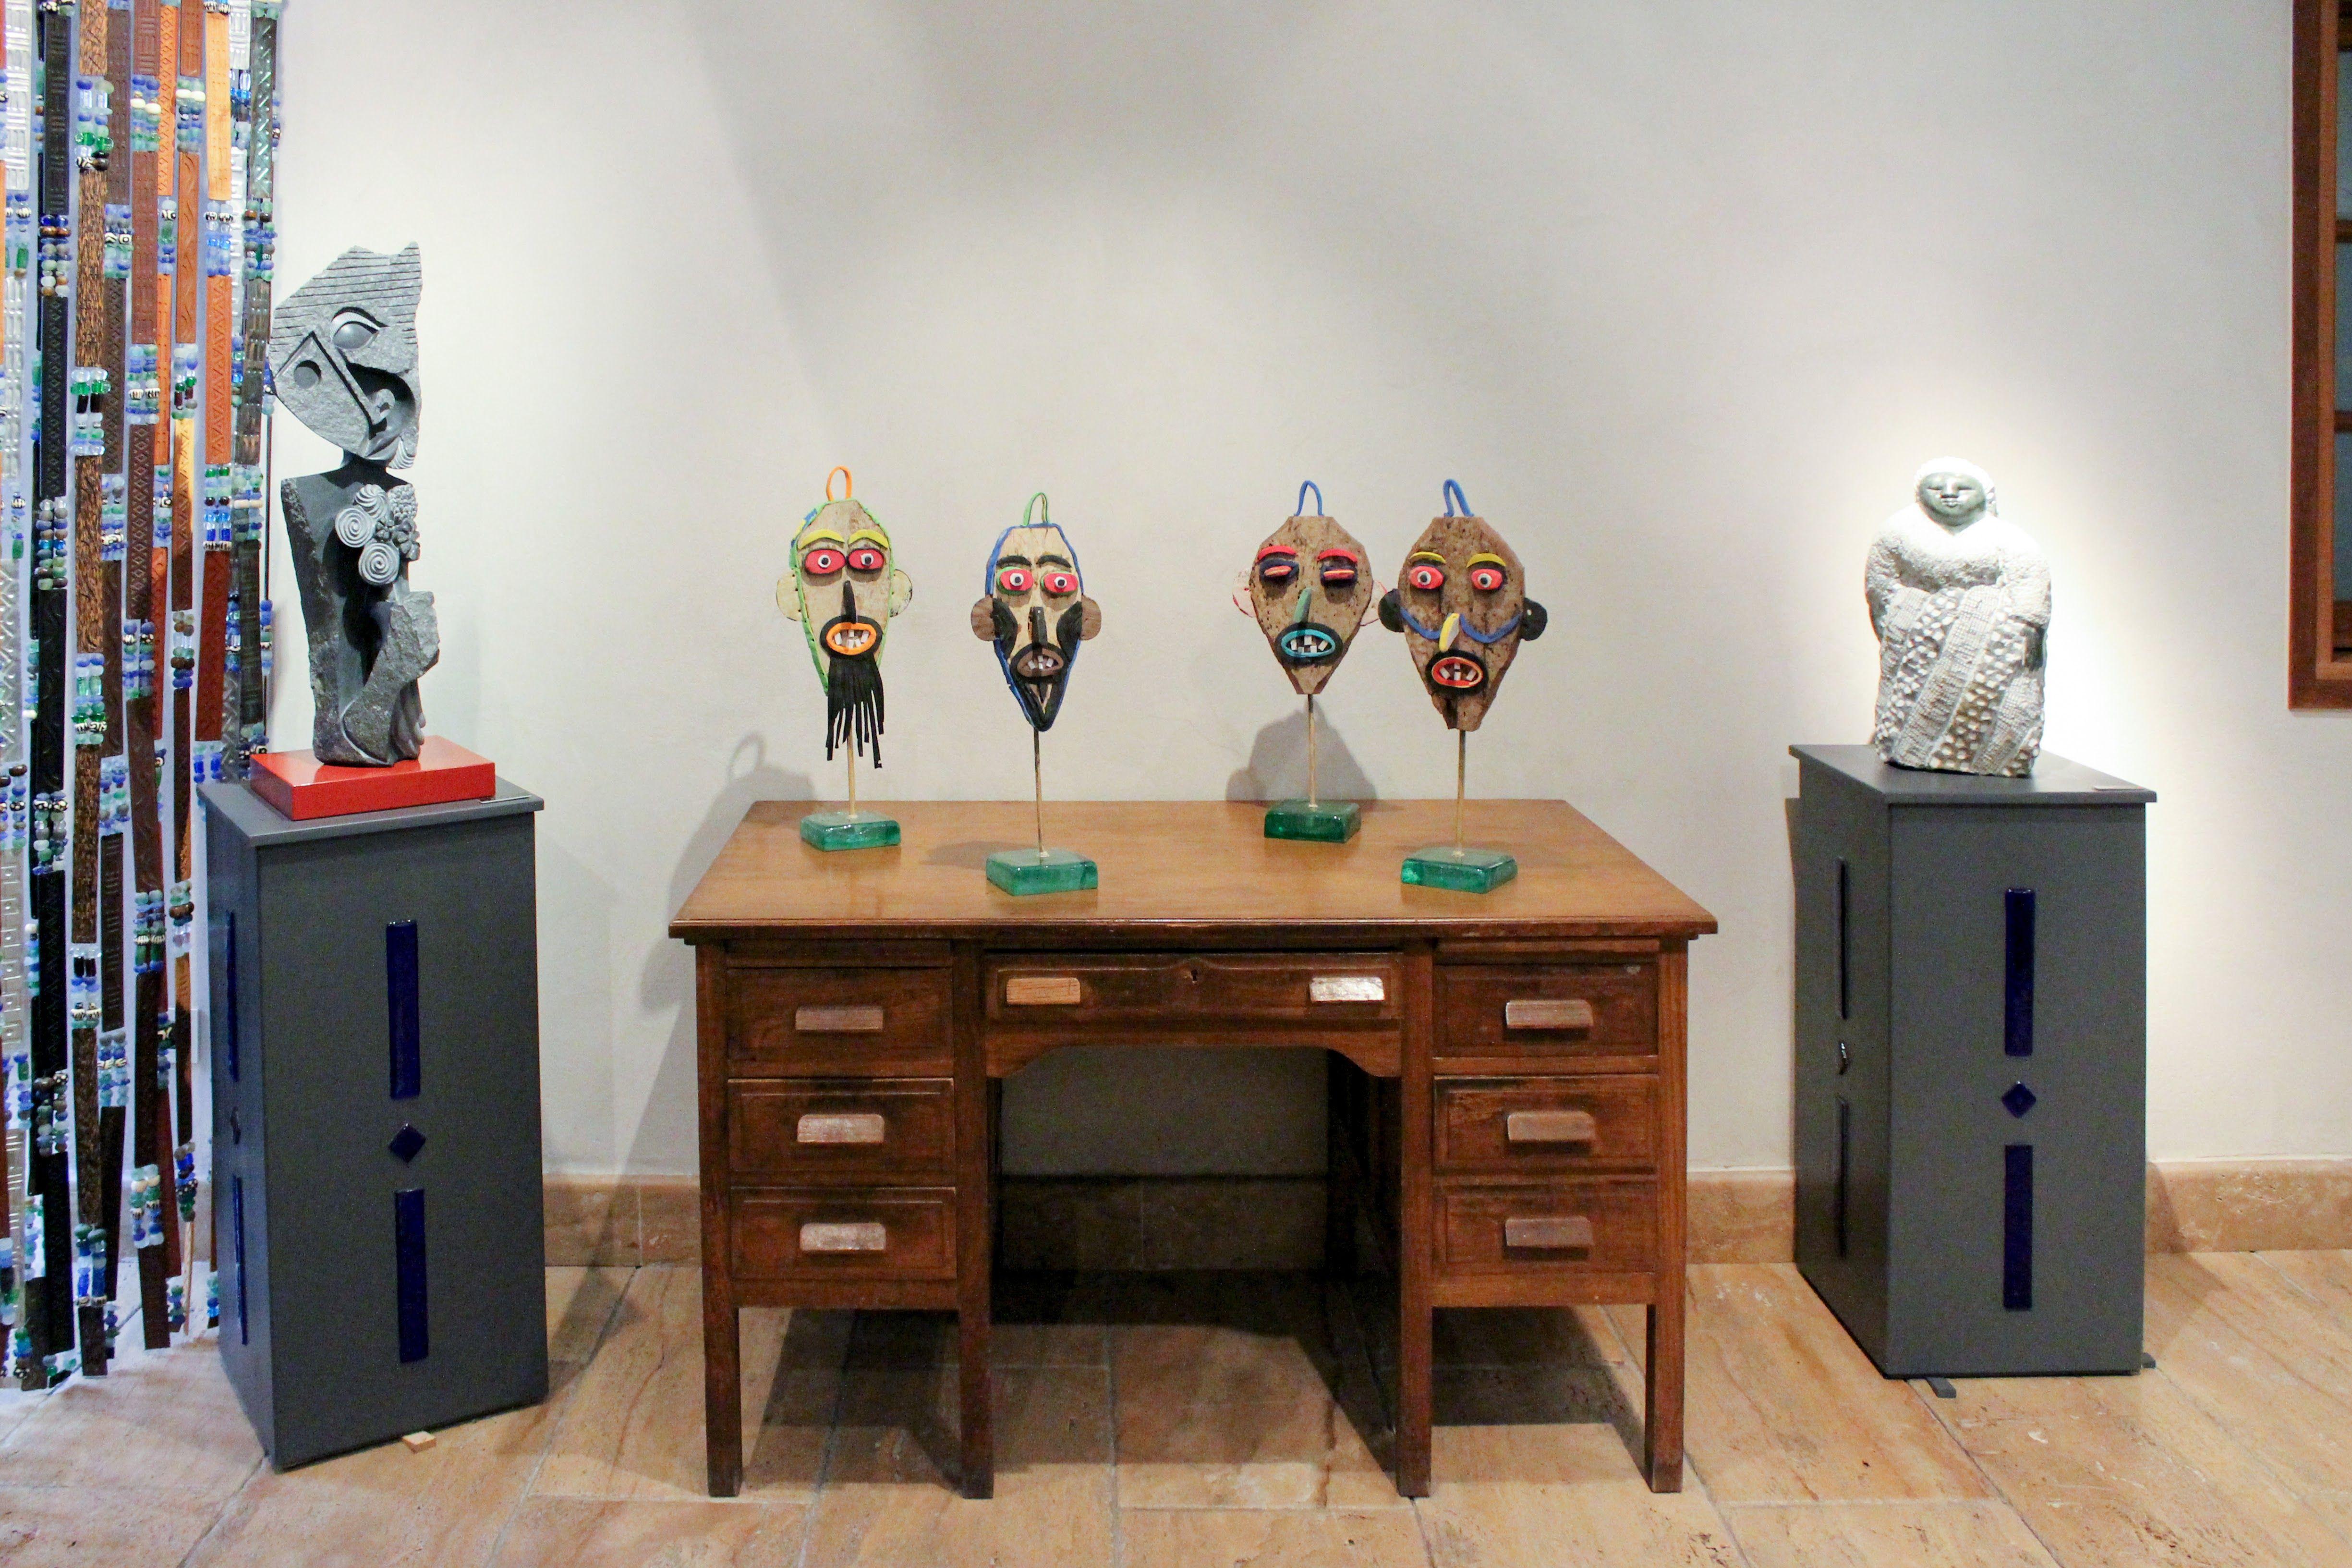 Foto 2 de African art gallery en Madrid | Gazzambo Gallery